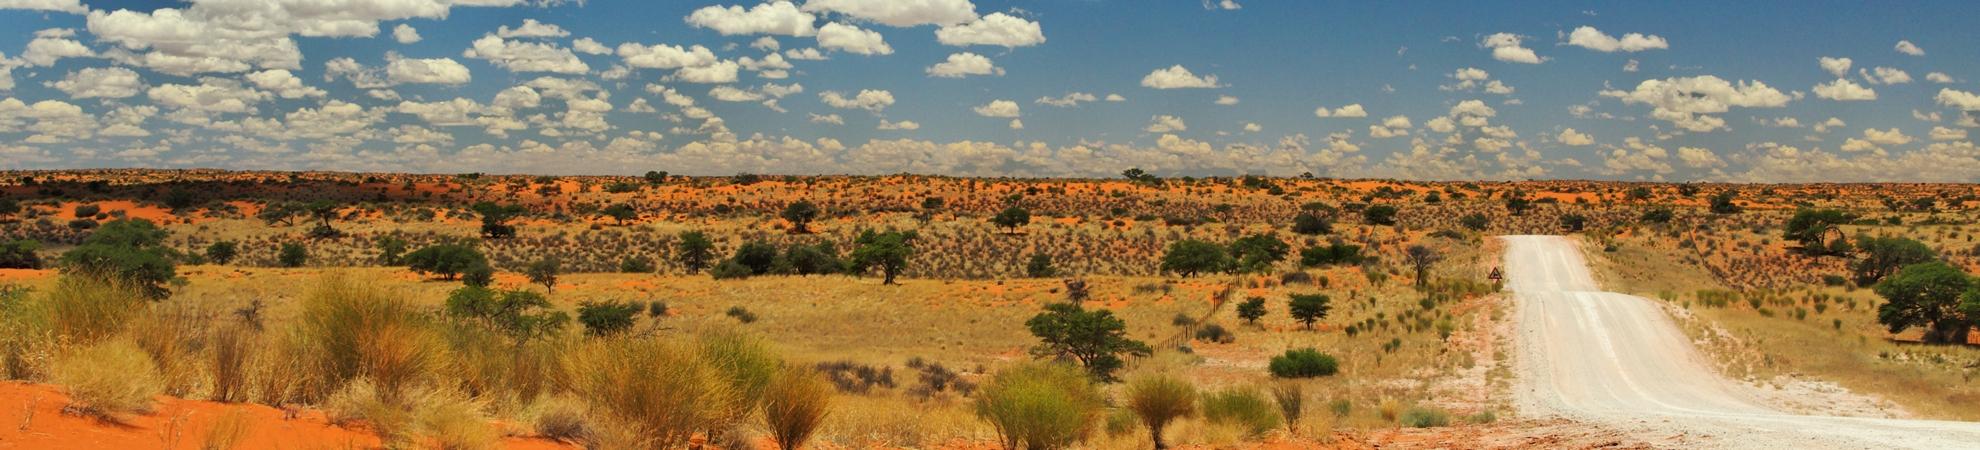 Autotour Afrique du Sud